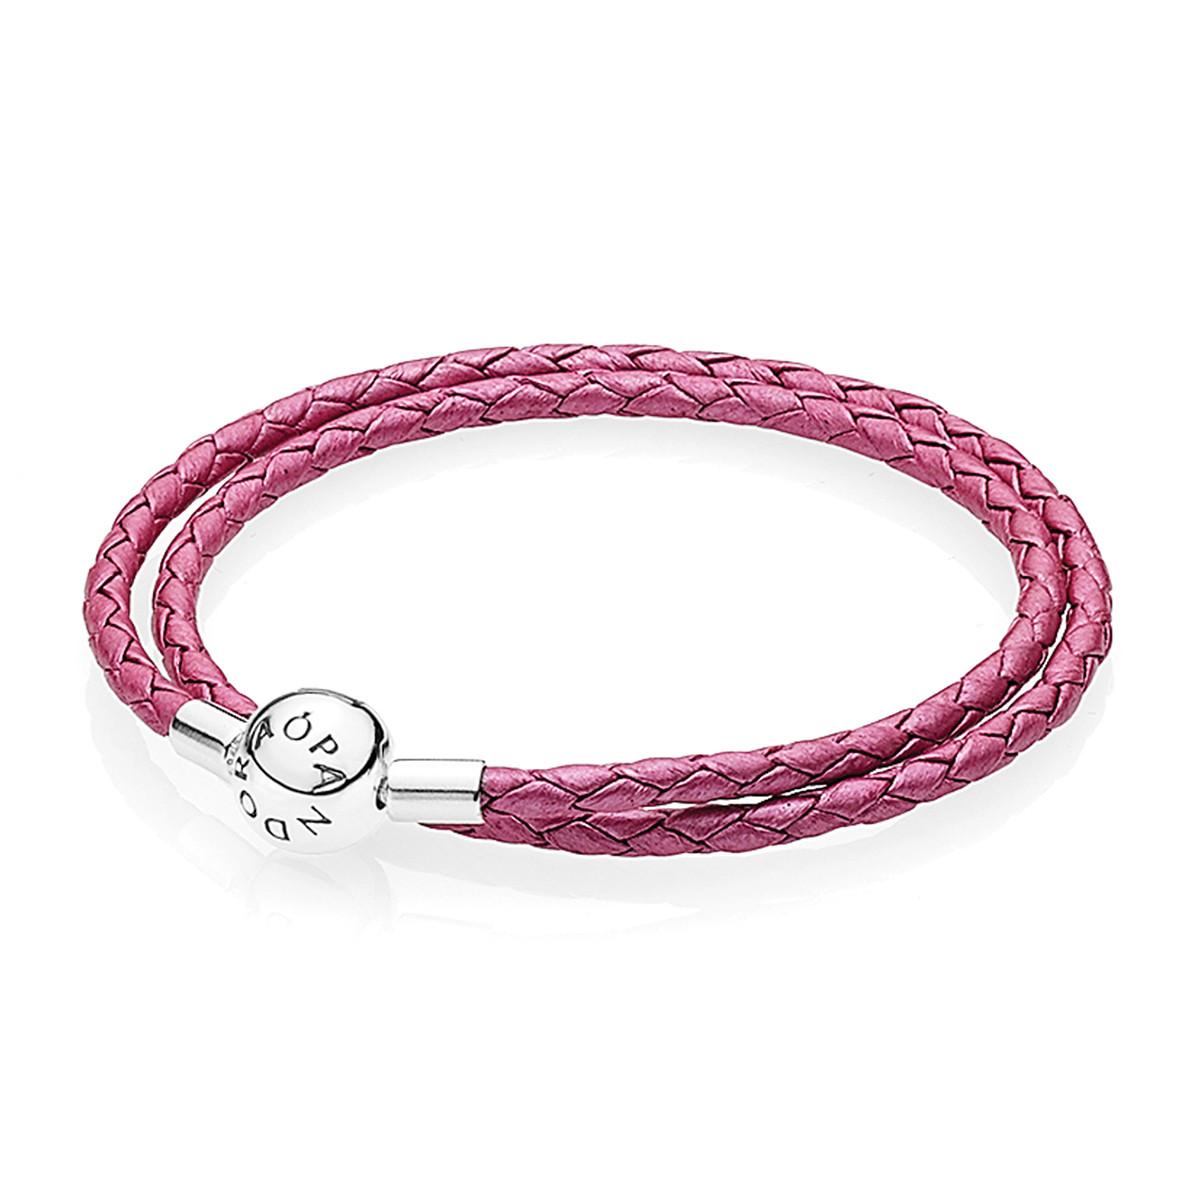 Двойной кожаный браслет малиновый в стиле Pandora